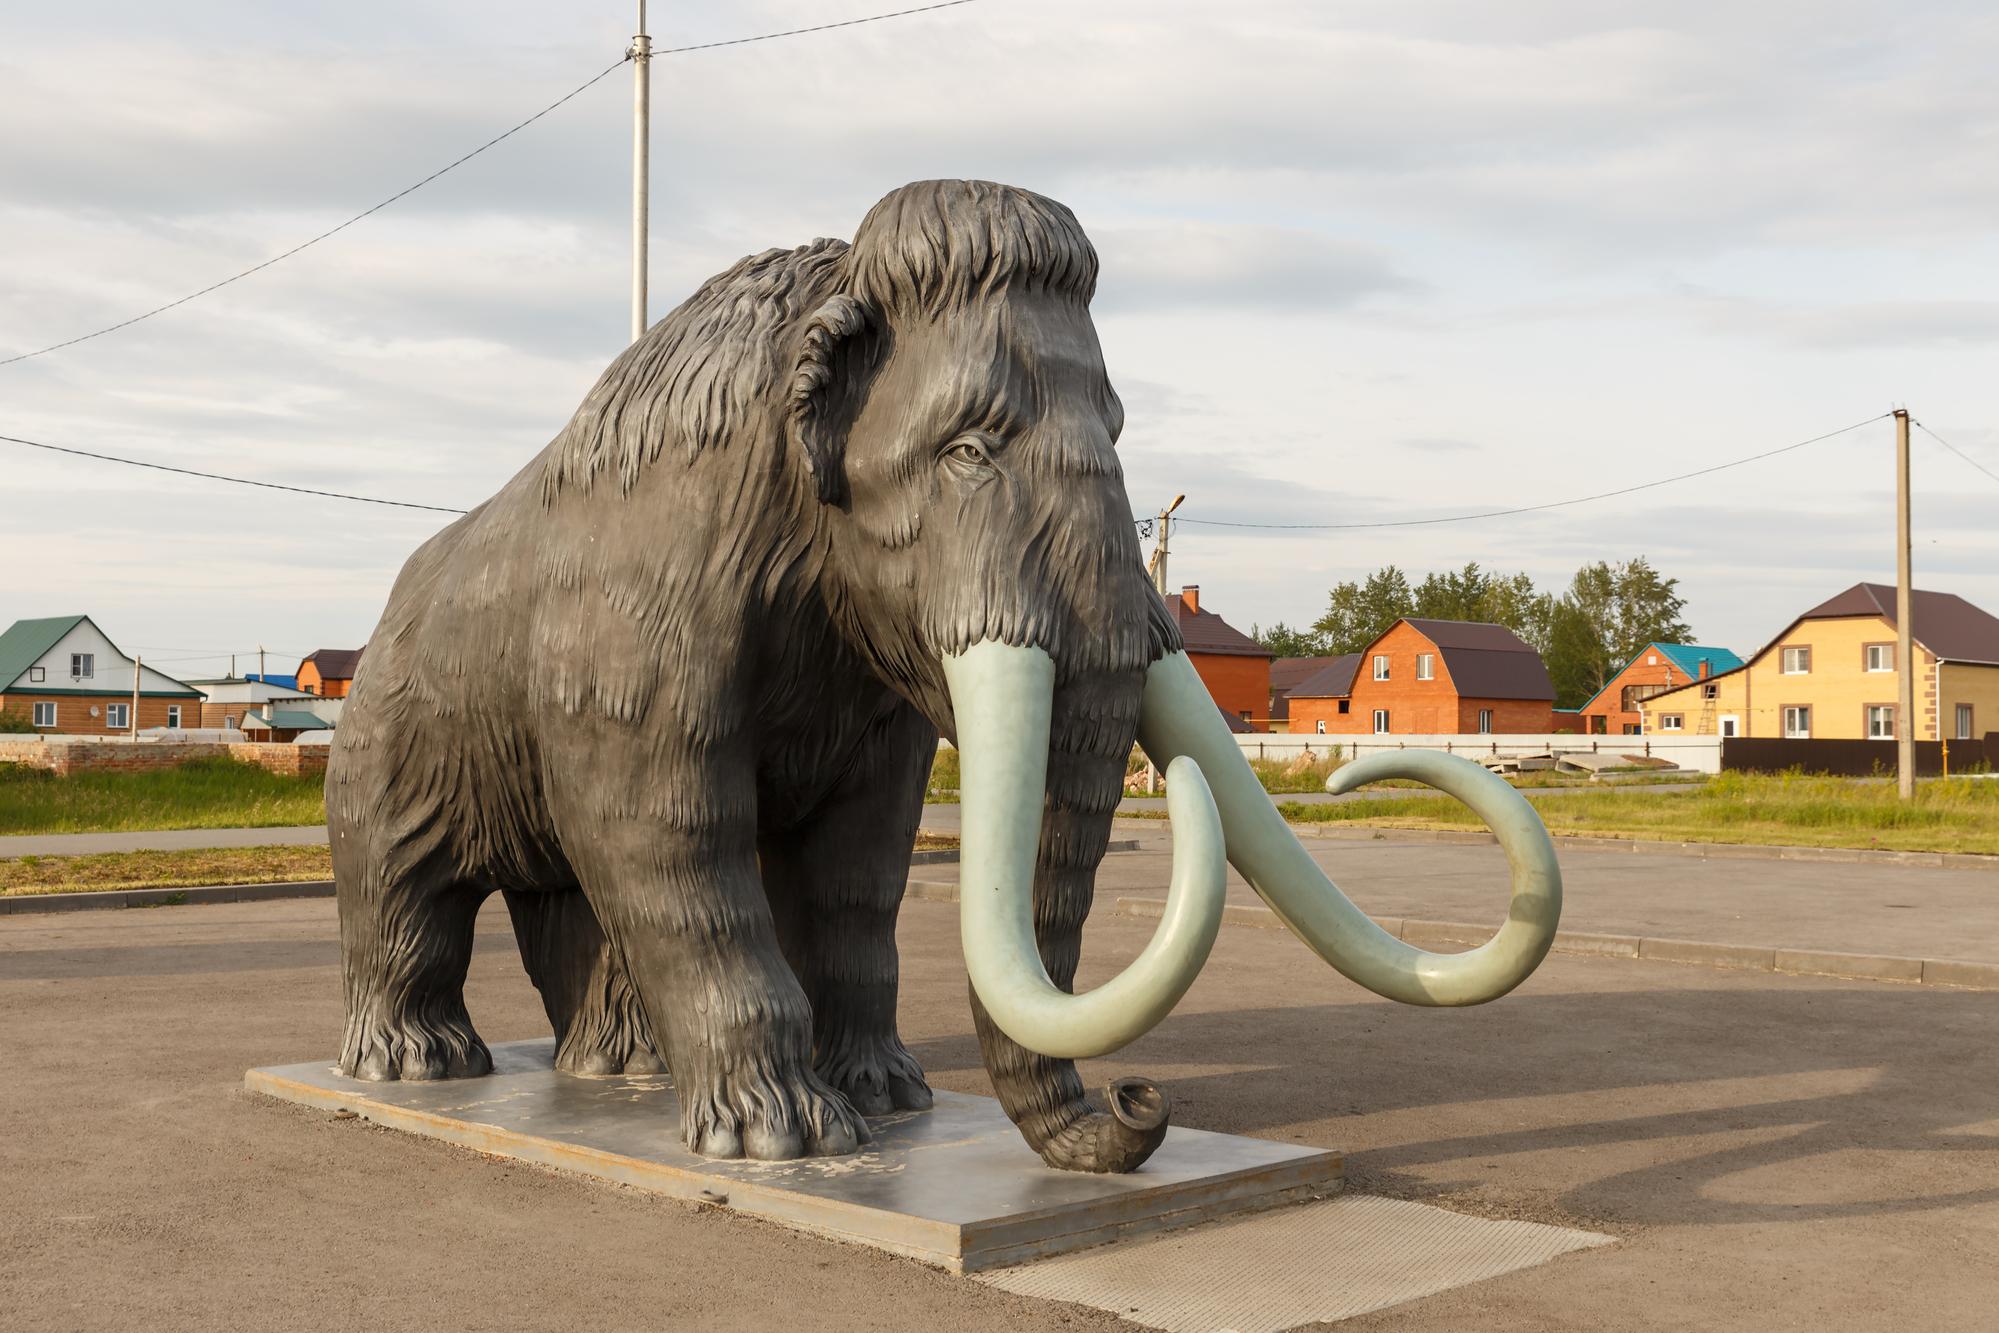 Памятник мамонту вселе Абатское Тюменской области, Россия.